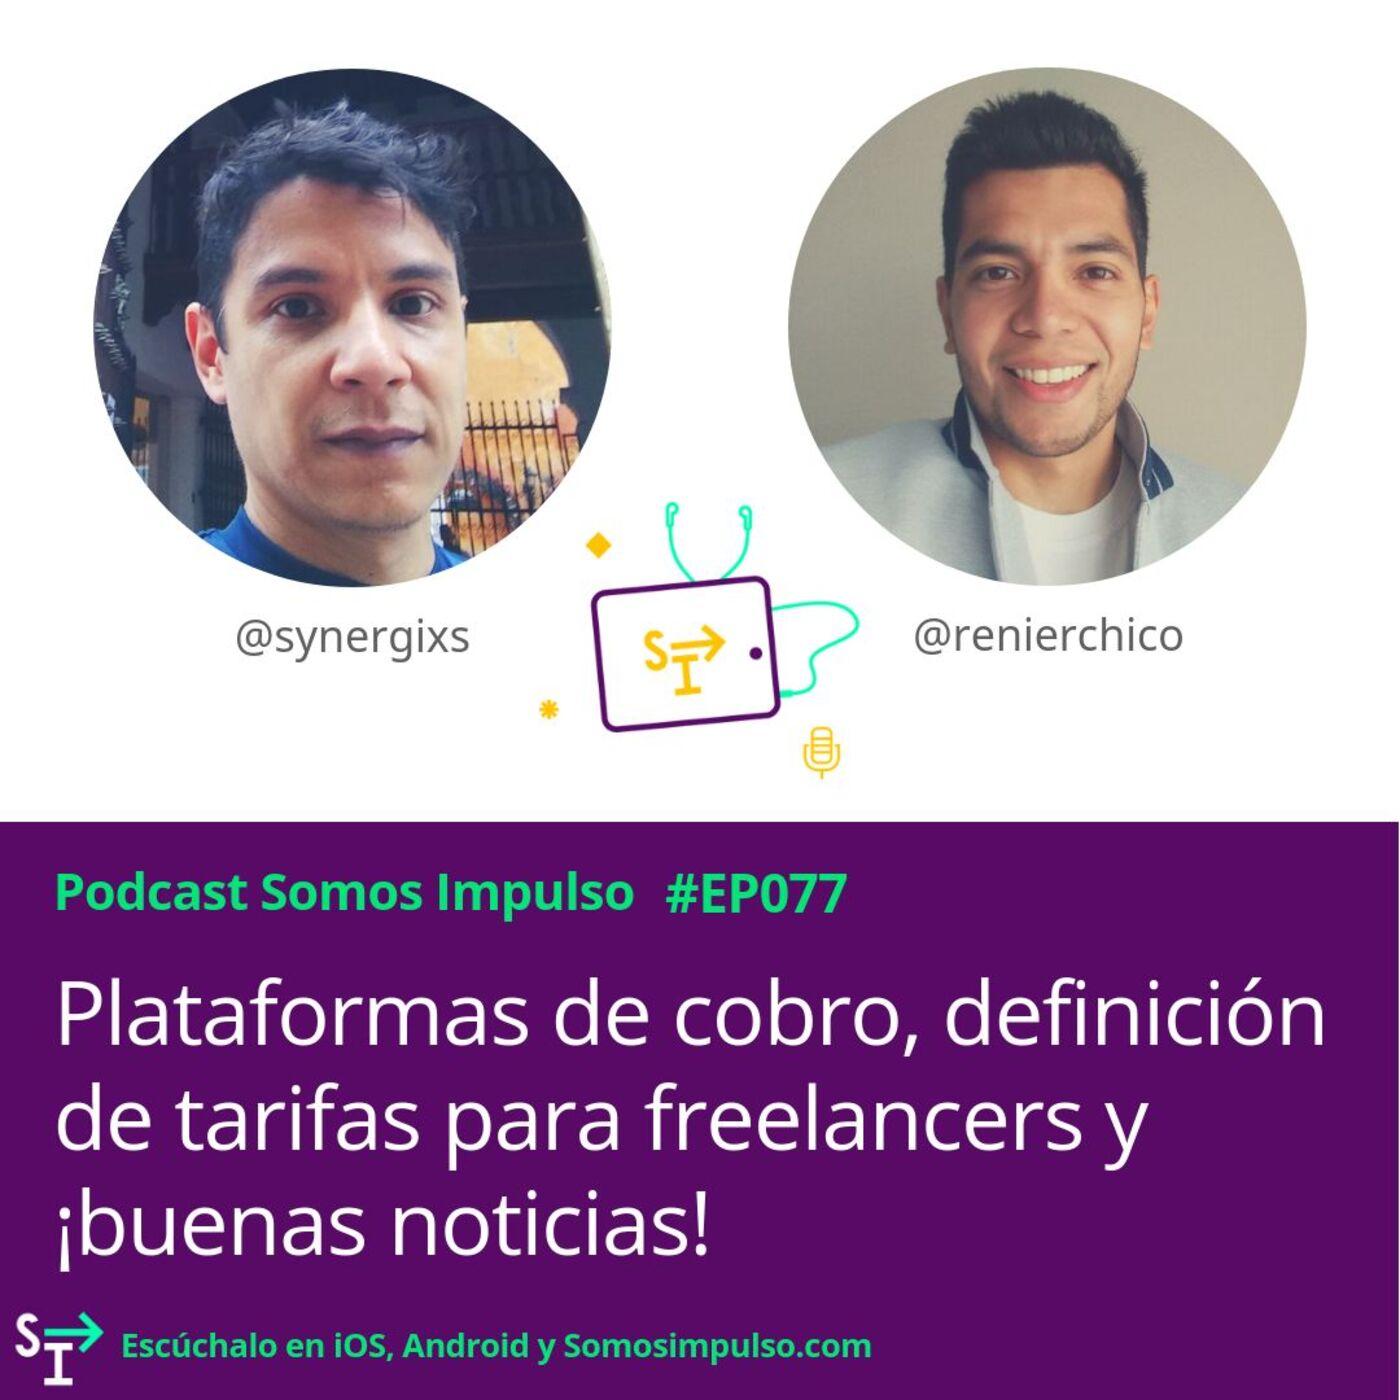 Somos Impulso EP077 - Plataformas De Cobro Definición De Tarifas Para Freelancers Y Buenas Noticias